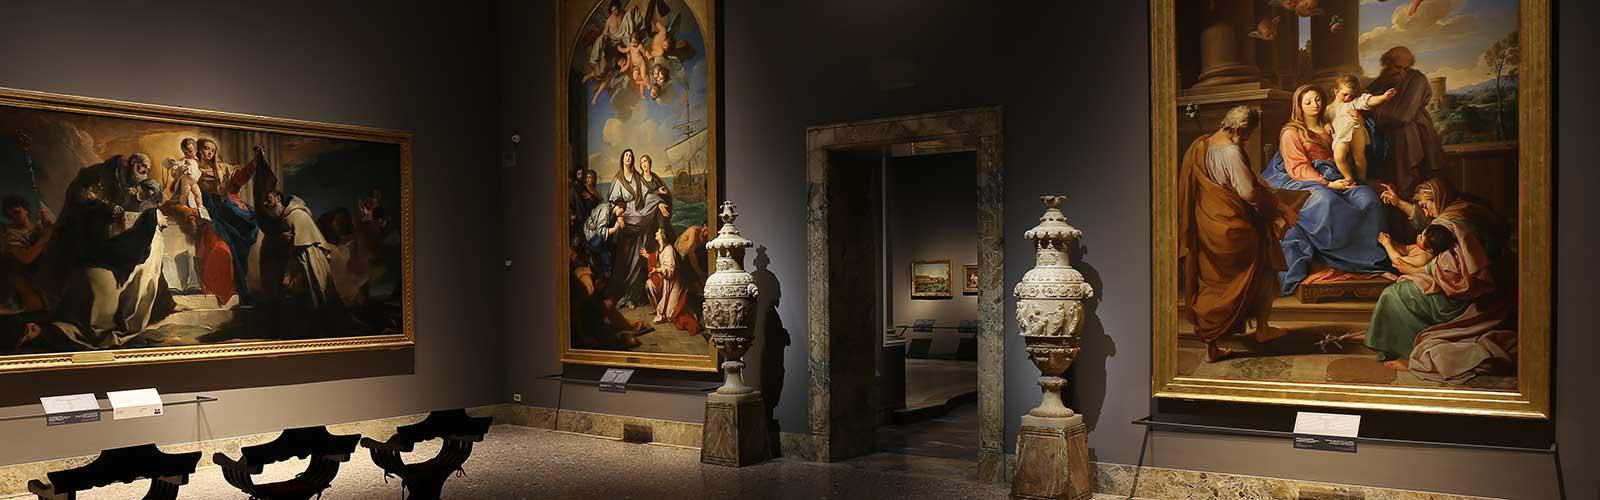 Sunday at the museum in Pinacoteca di Brera